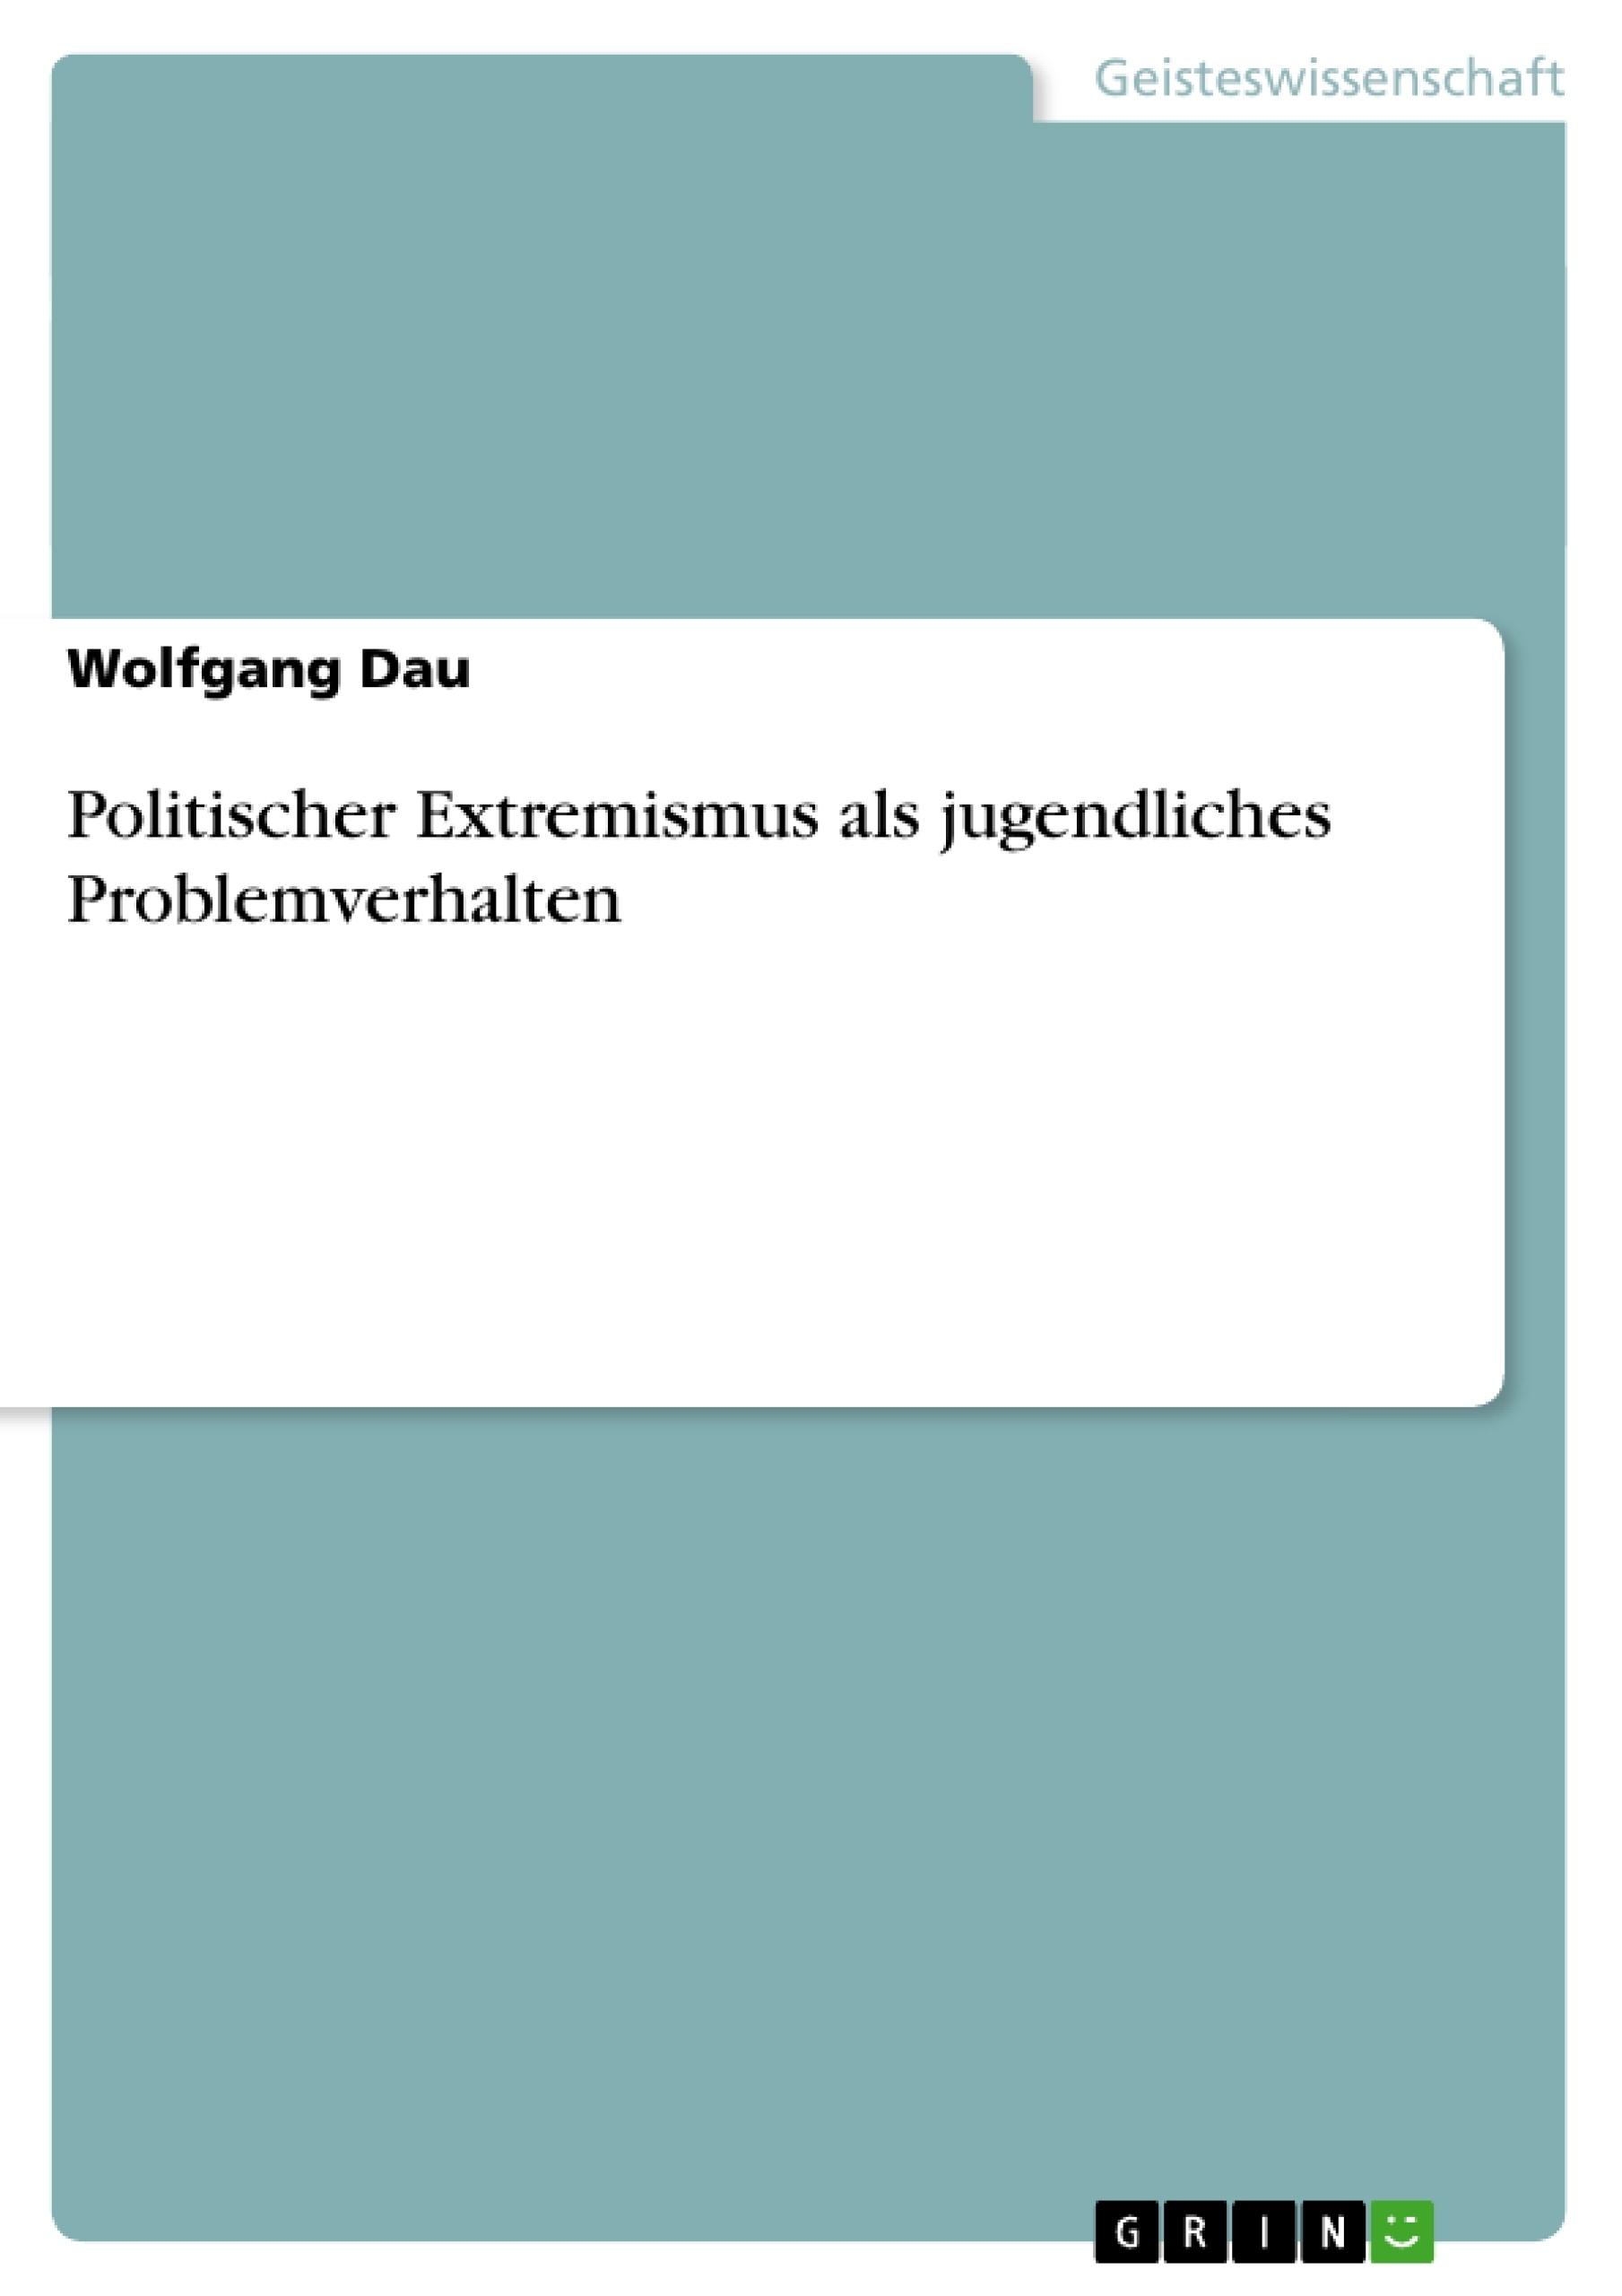 Titel: Politischer Extremismus als jugendliches Problemverhalten